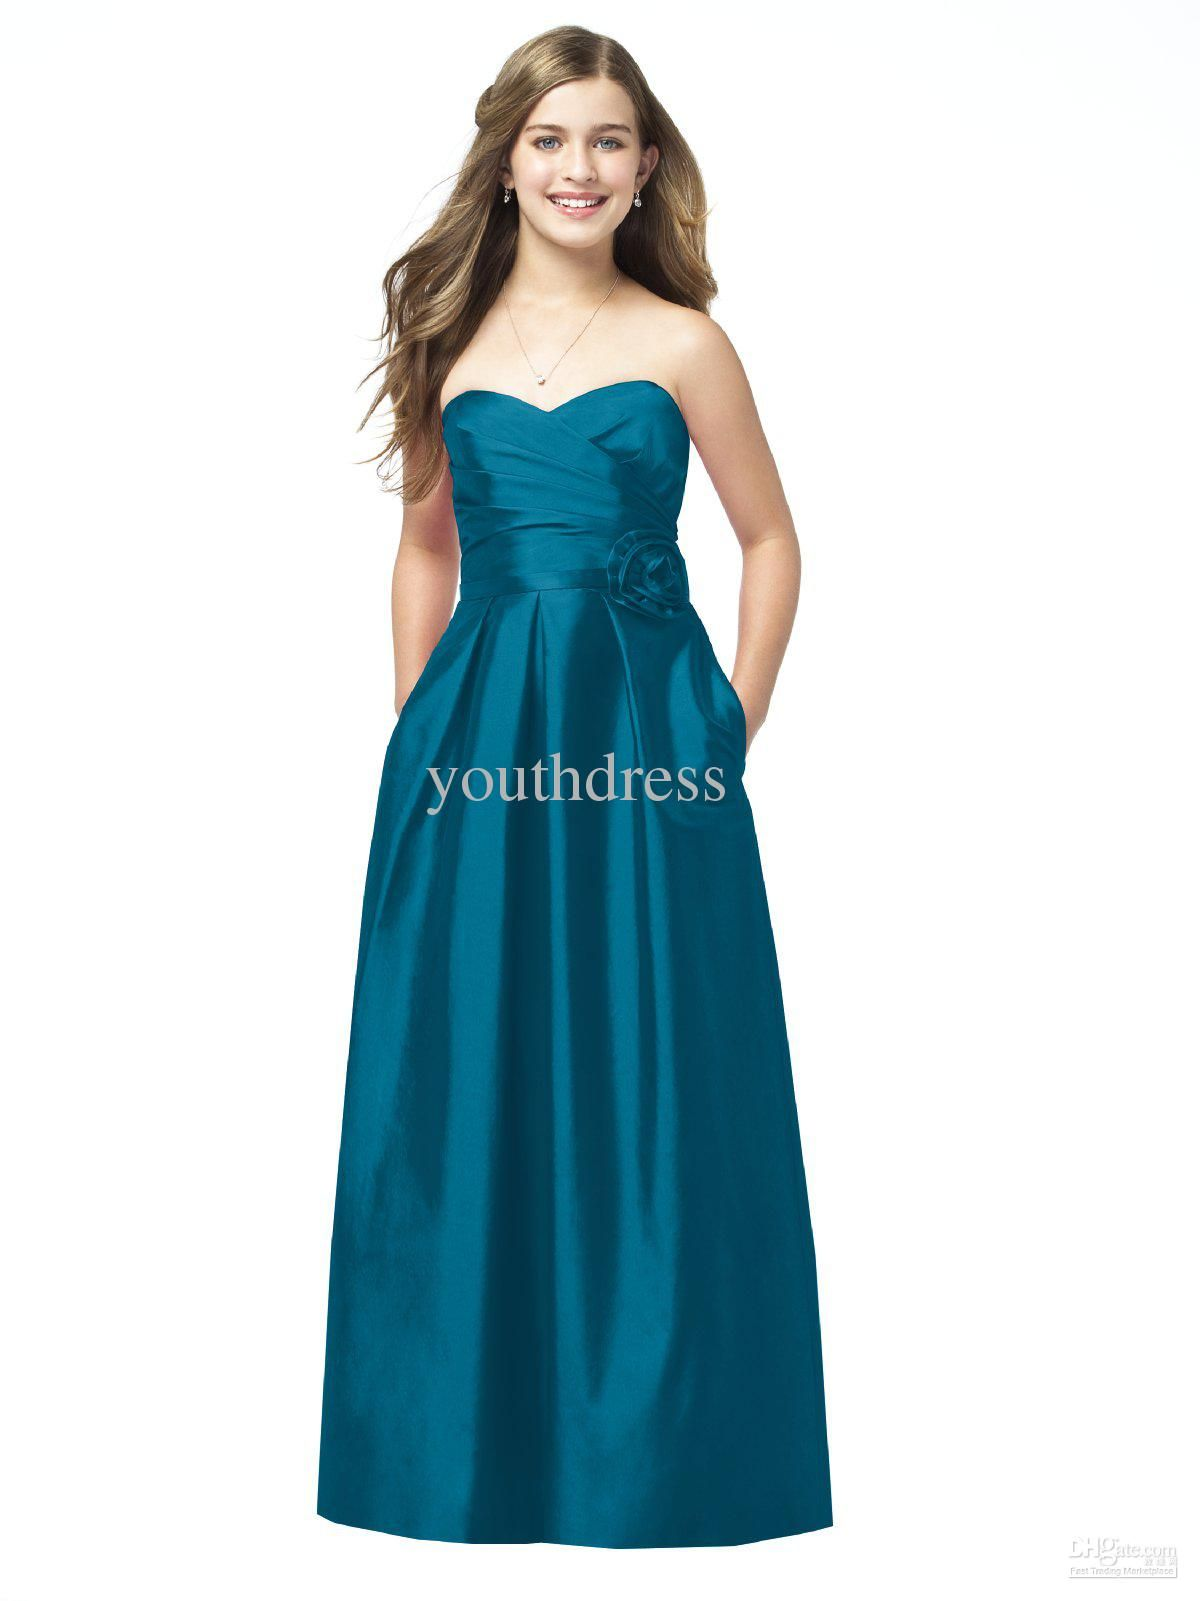 Junior+Bridesmaid+Dresses+for+Girls | Junior Bridesmaid Dresses ...